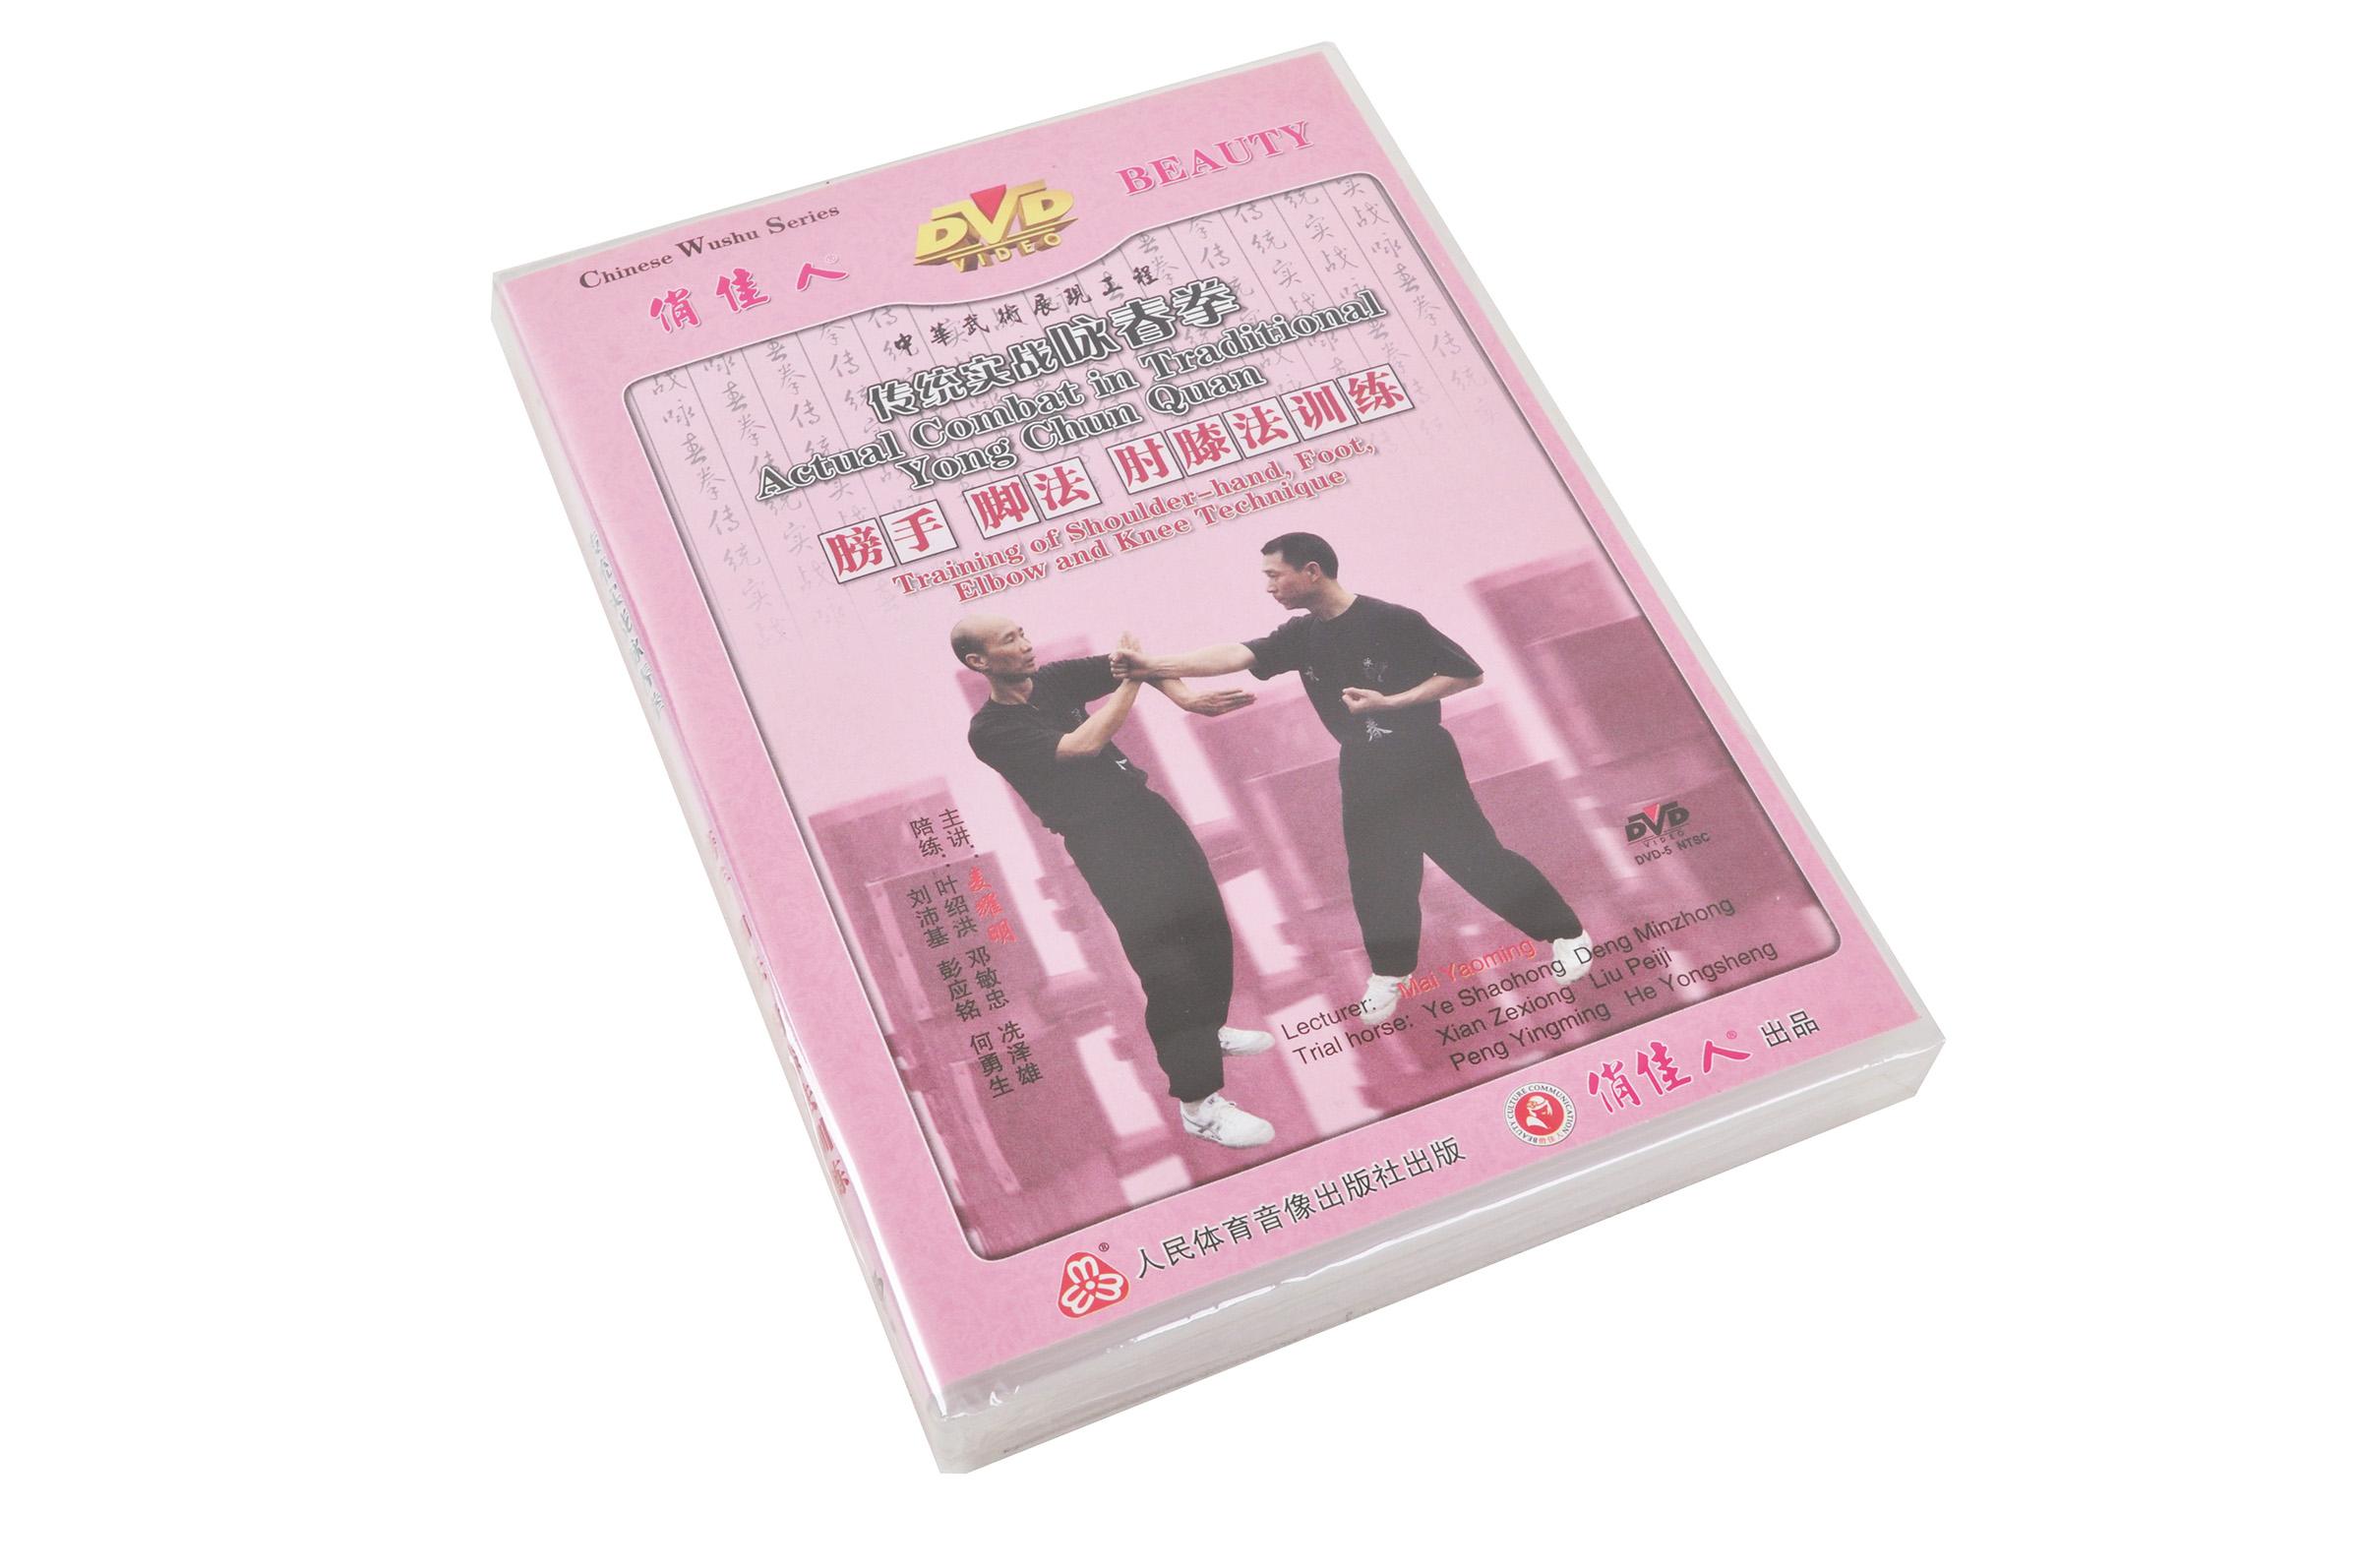 [DVD] Yongchun Quan - Techniques Épaules, Mains, Pieds, Genoux et Coudes